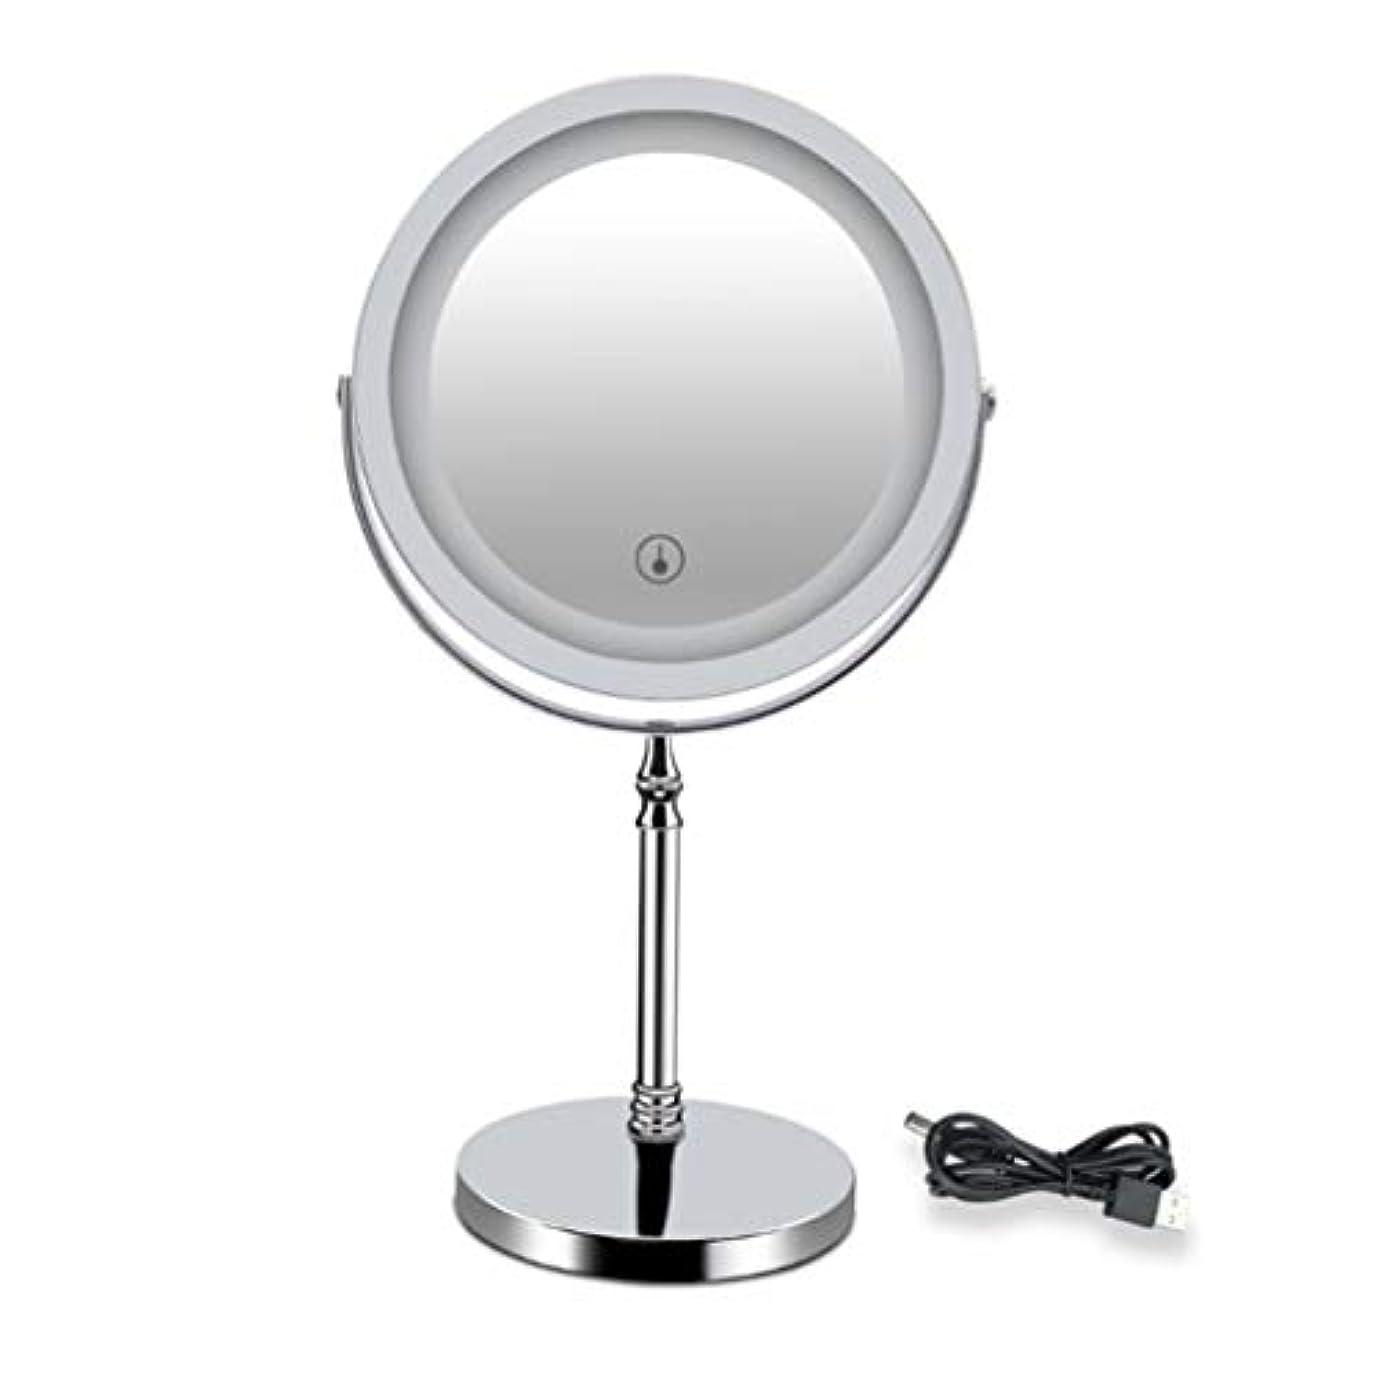 送信する信条精通した卓上鏡 化粧鏡 スタンドミラー メイク 10倍拡大鏡 LEDライト付き 北欧風 真実の両面鏡 360度回転 化粧道具 化粧ミラー 電池&USB 3 WAY給電